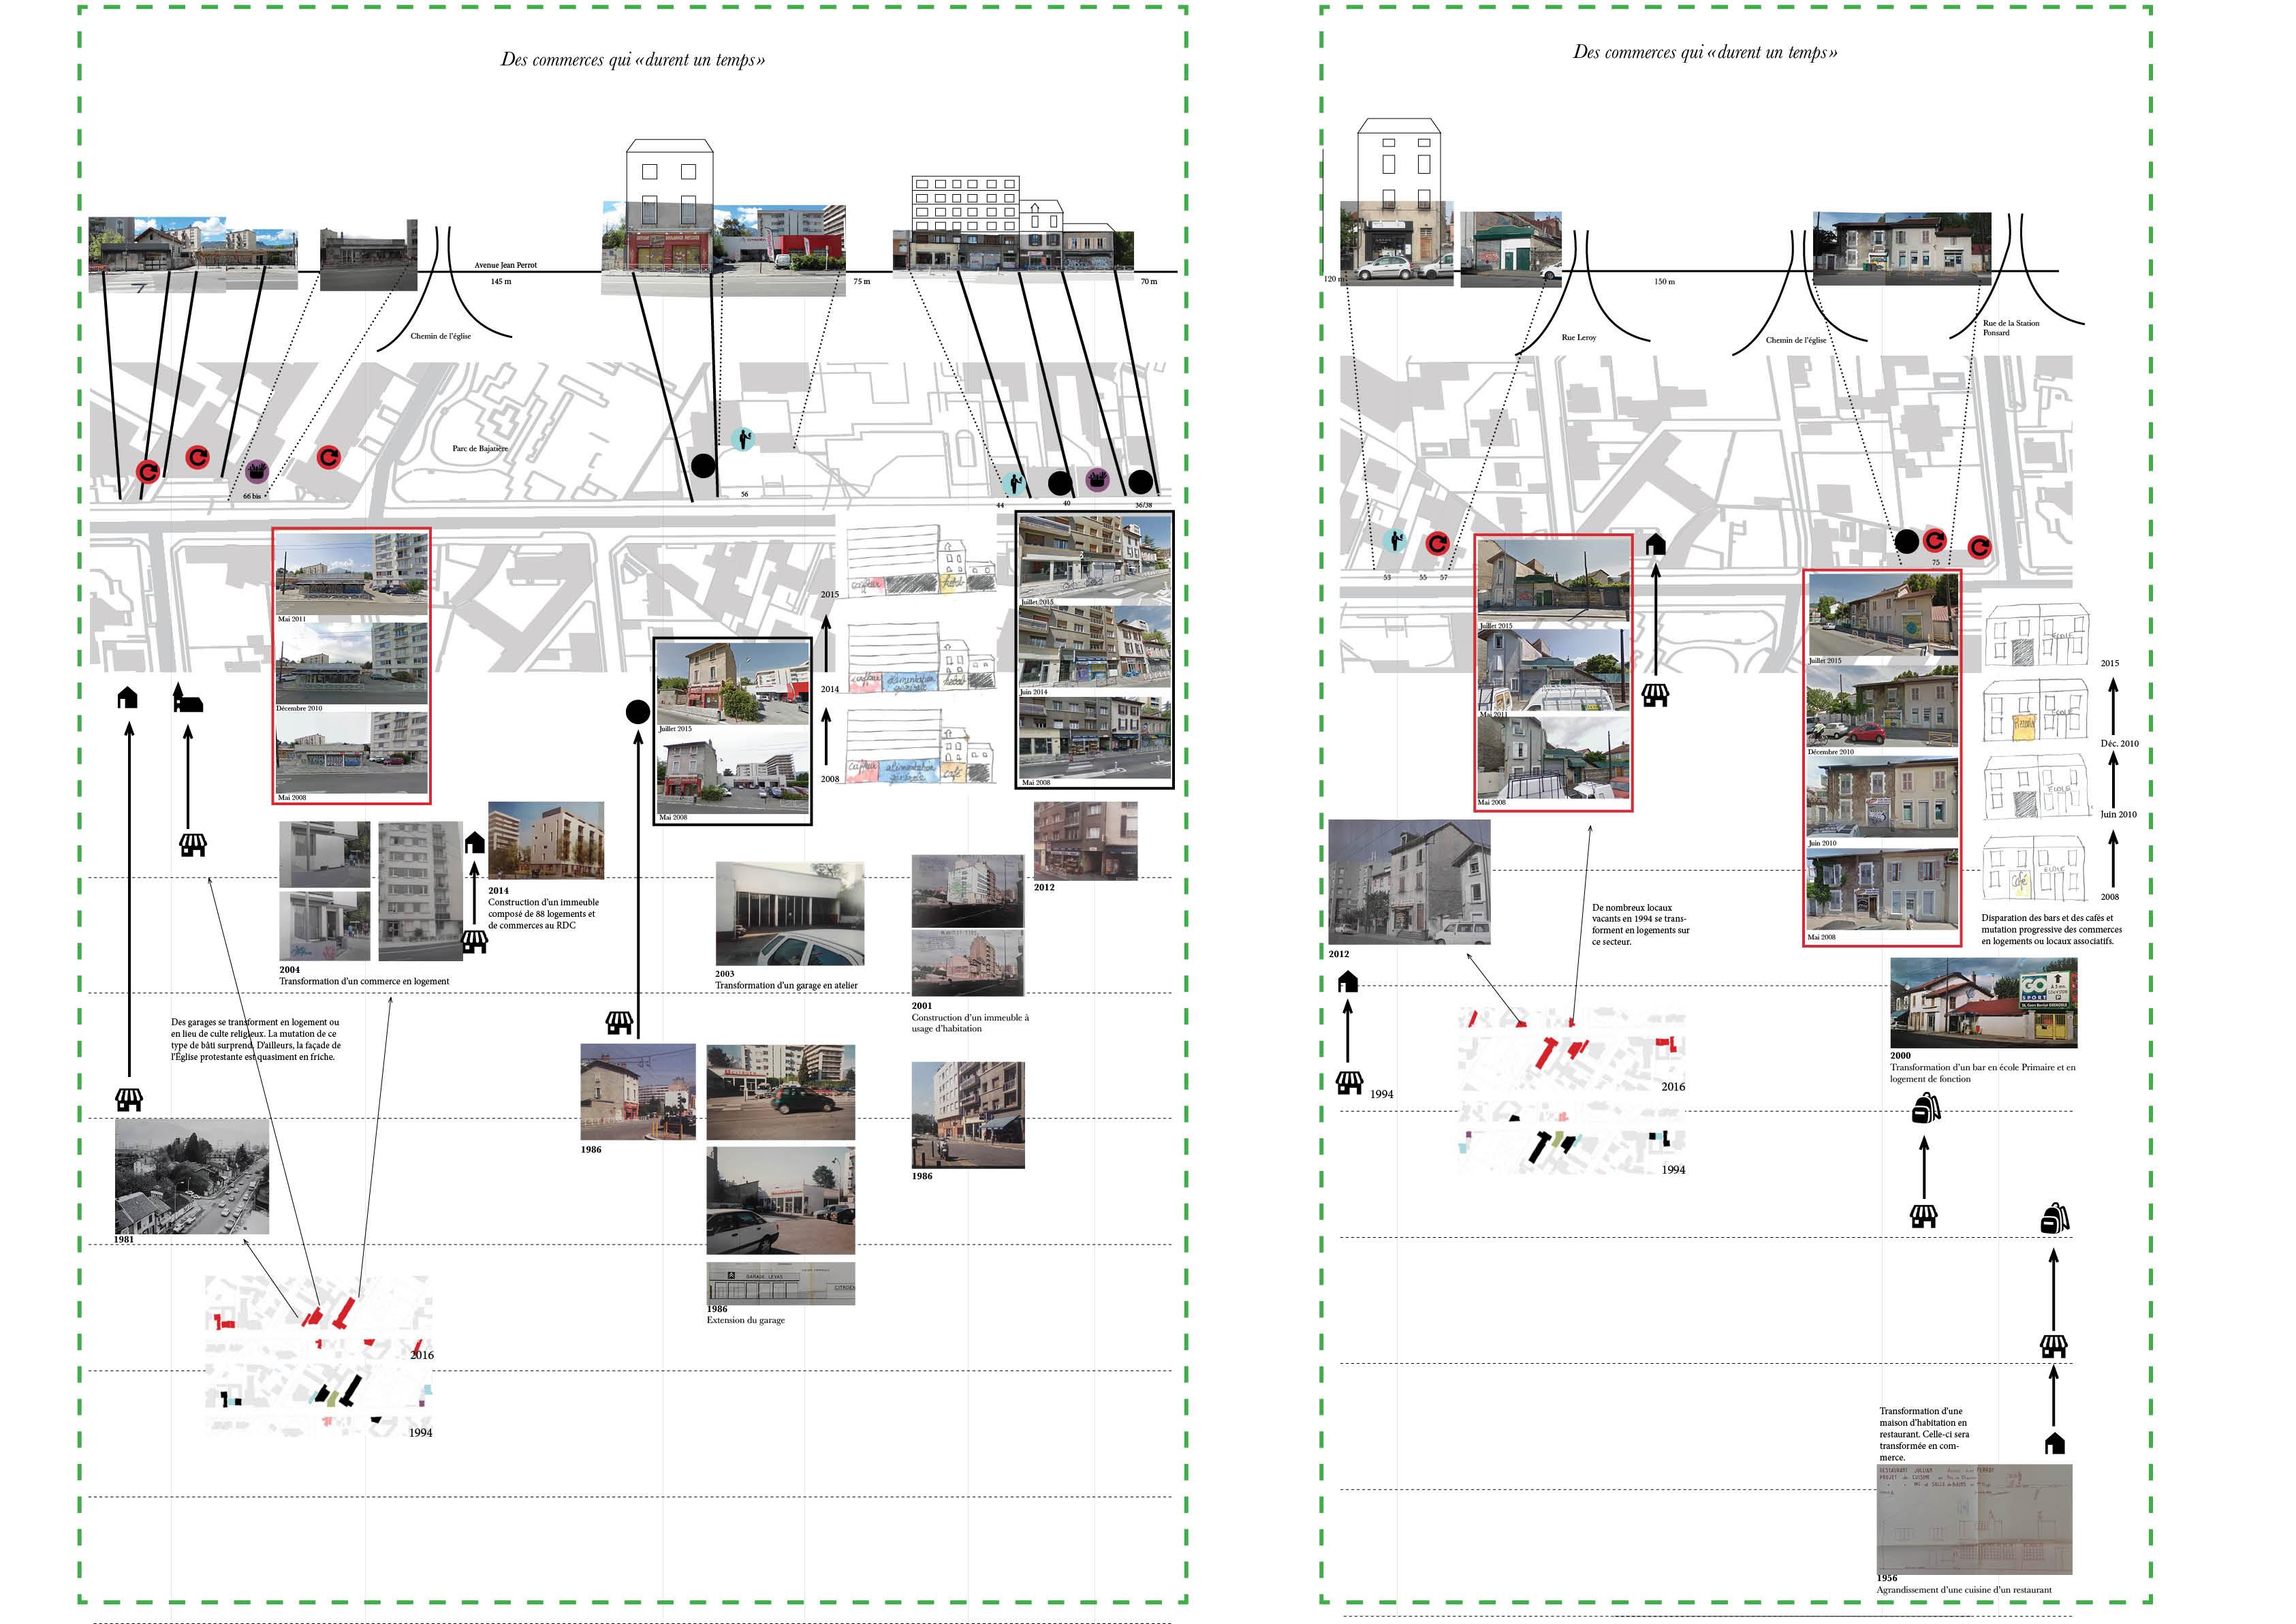 Figure 8 : Des commerces qui «durent un temps» - Elodie Lamothe – sources : cadastre.gouv.fr, Archives de Grenoble et Google Map